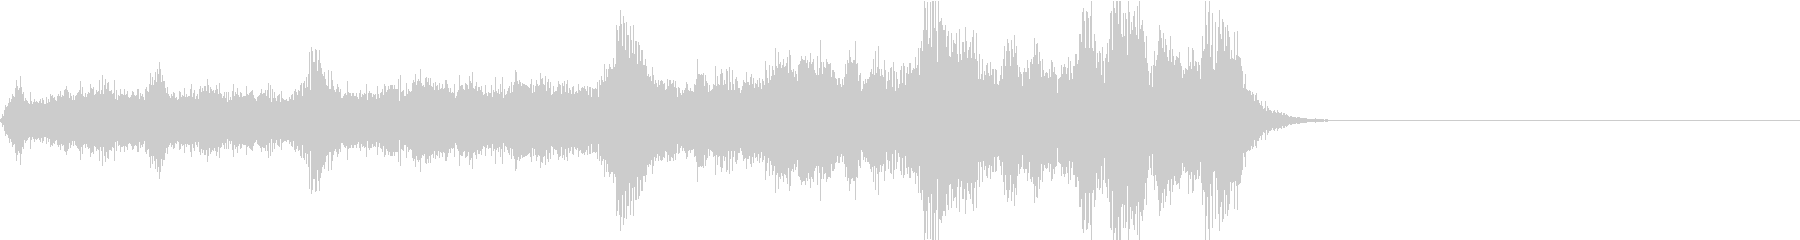 シュイーン(チャージ 場面転換 SF風)の未再生の波形